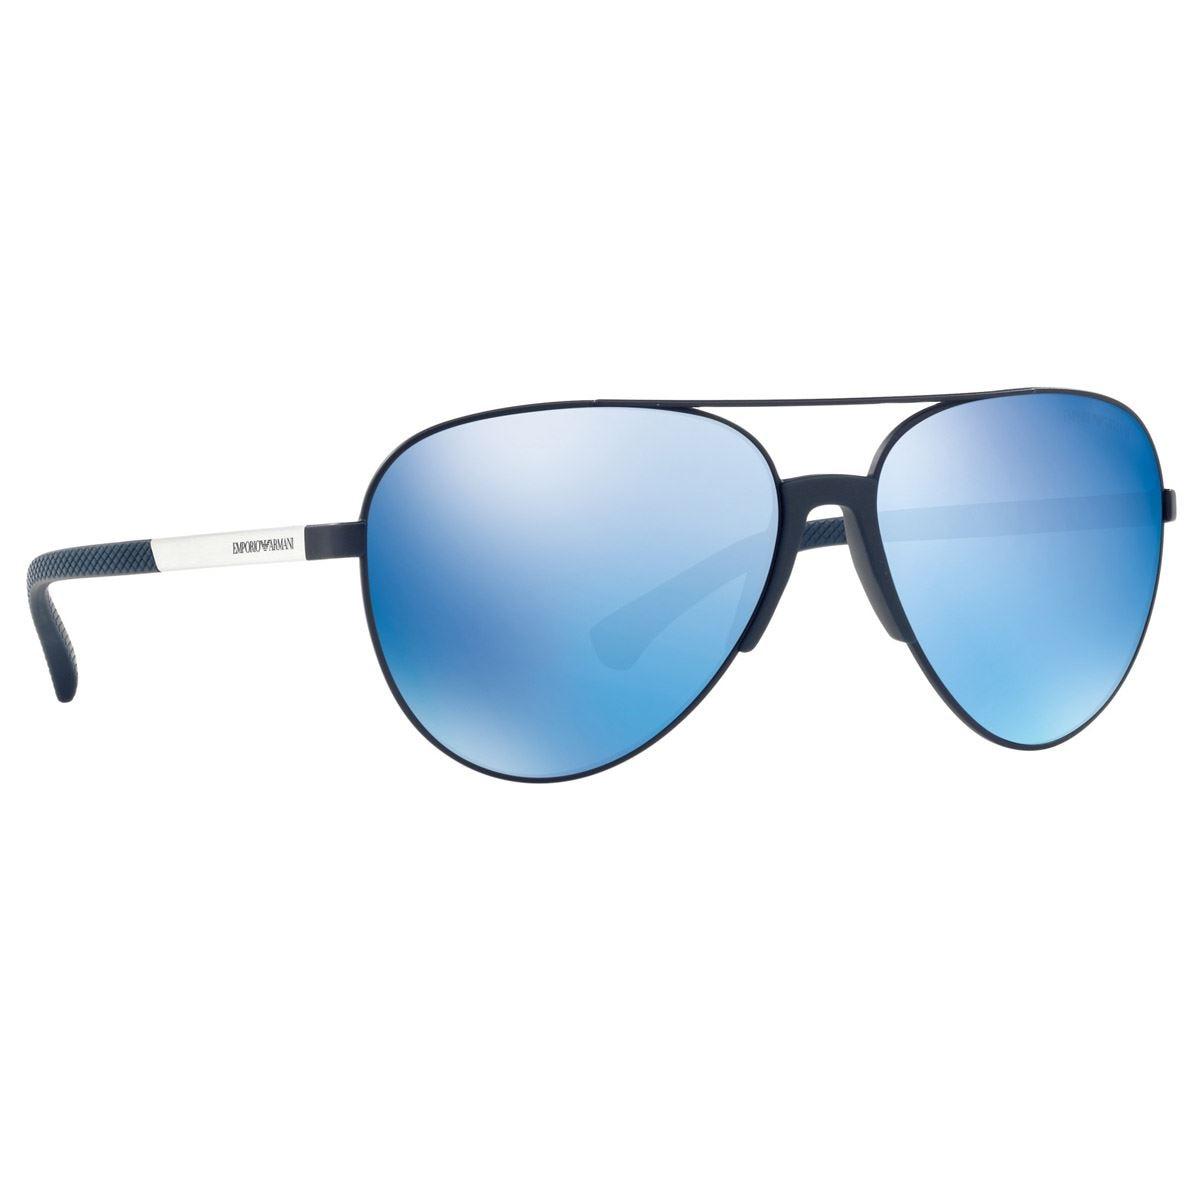 Emporio armani azul espejado armazón azul  - Sanborns